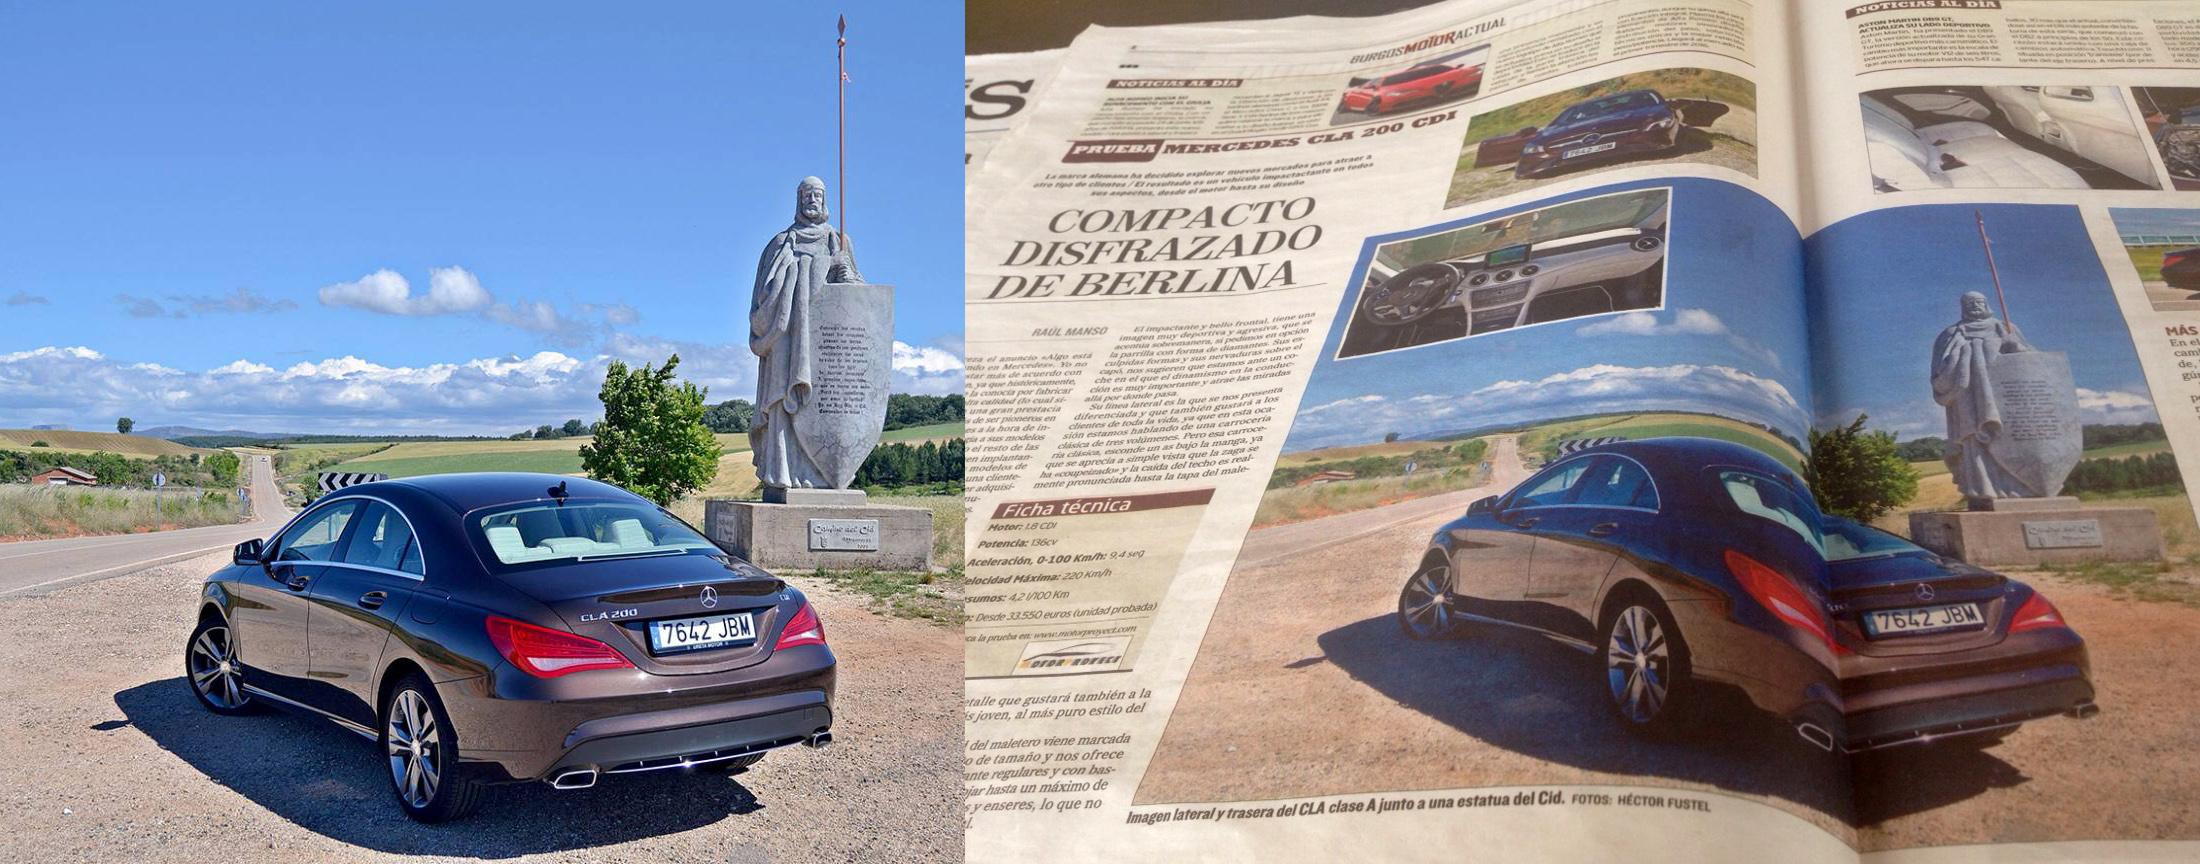 Mecerreyes, anuncio coche 2015